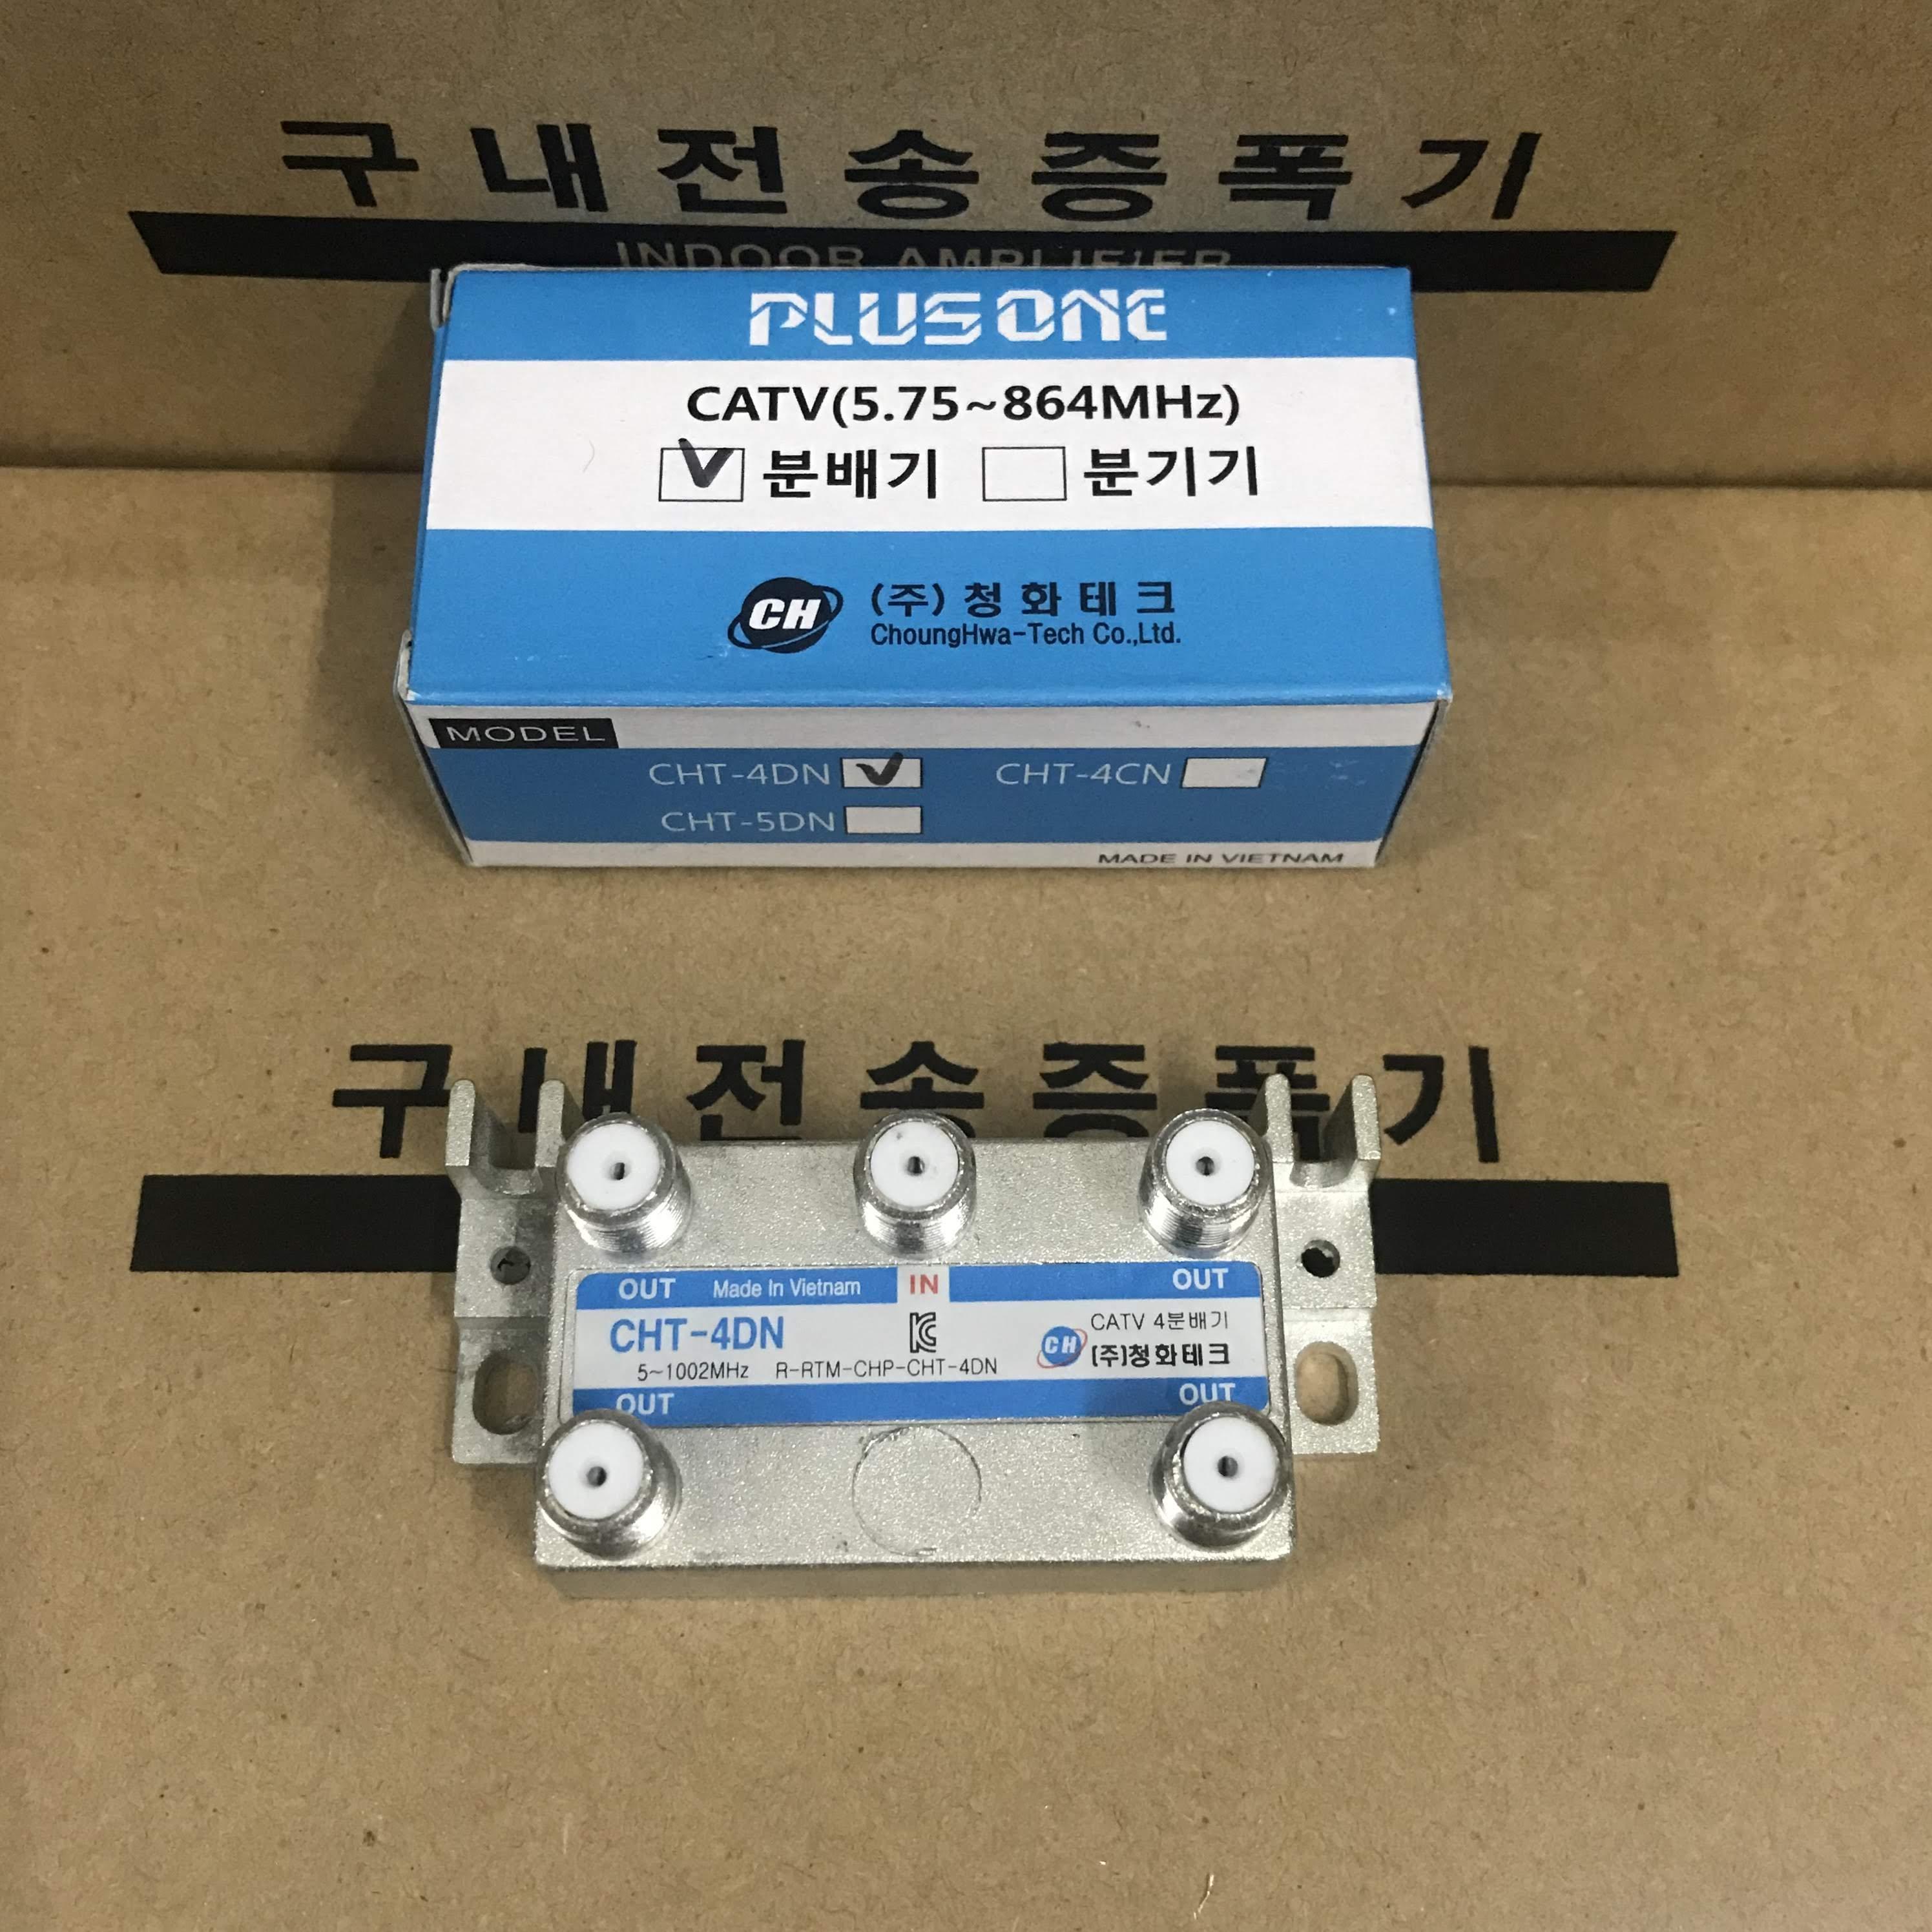 Bộ Chia 4 CHT [PLUSONE - Hàn Quốc] Dùng Chia Truyền Hình Cáp, Anten KTS - HÀNG CHÍNH HÃNG